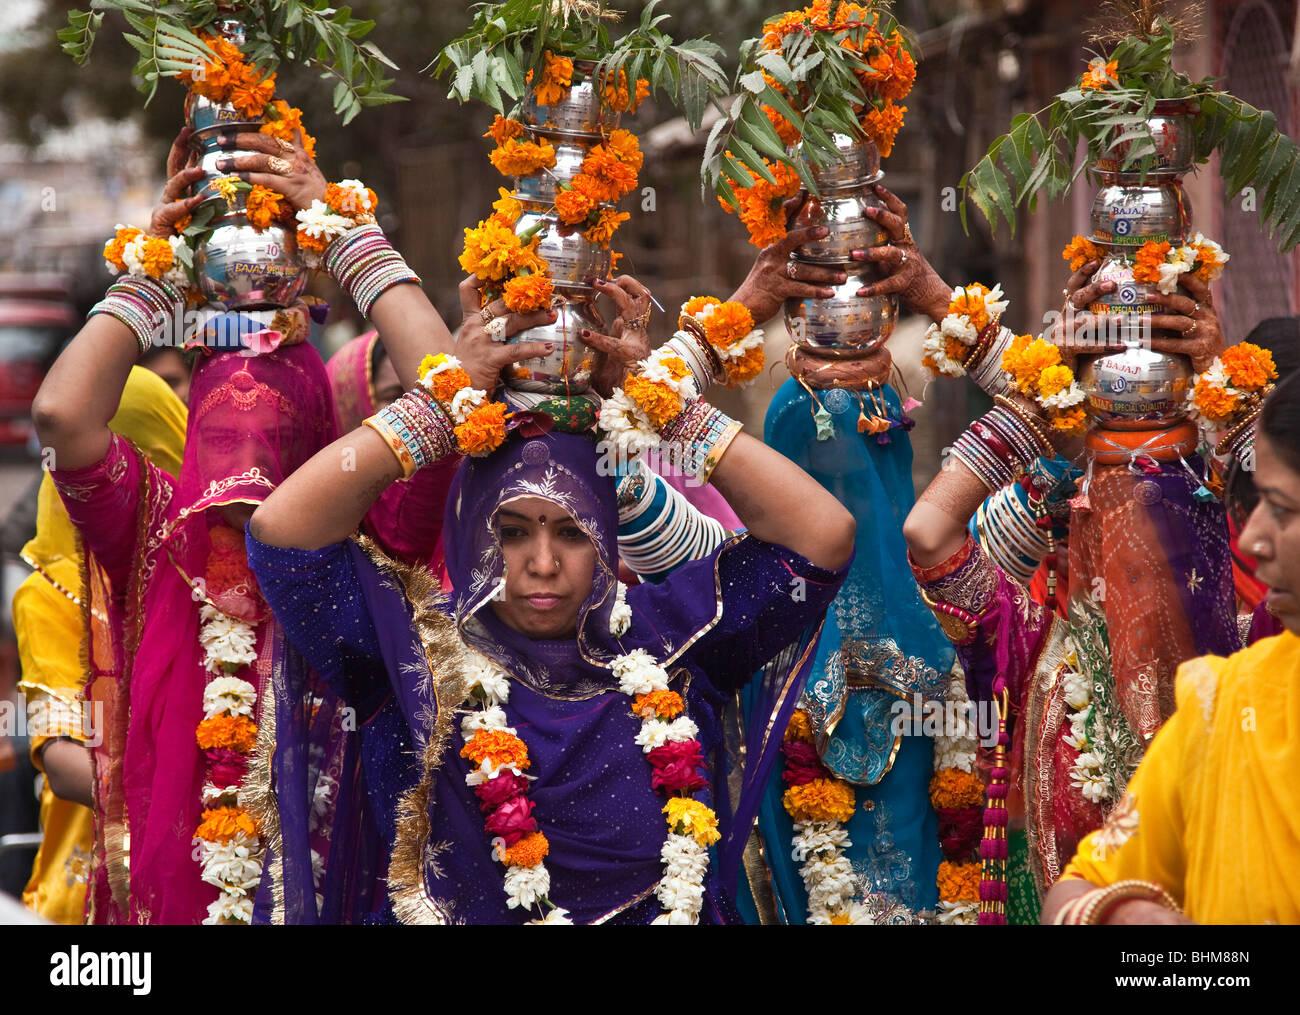 Rivestito in maniera colorata Rajput donna ad una cerimonia di nozze al Sardar Bazar nel centro della città Immagini Stock